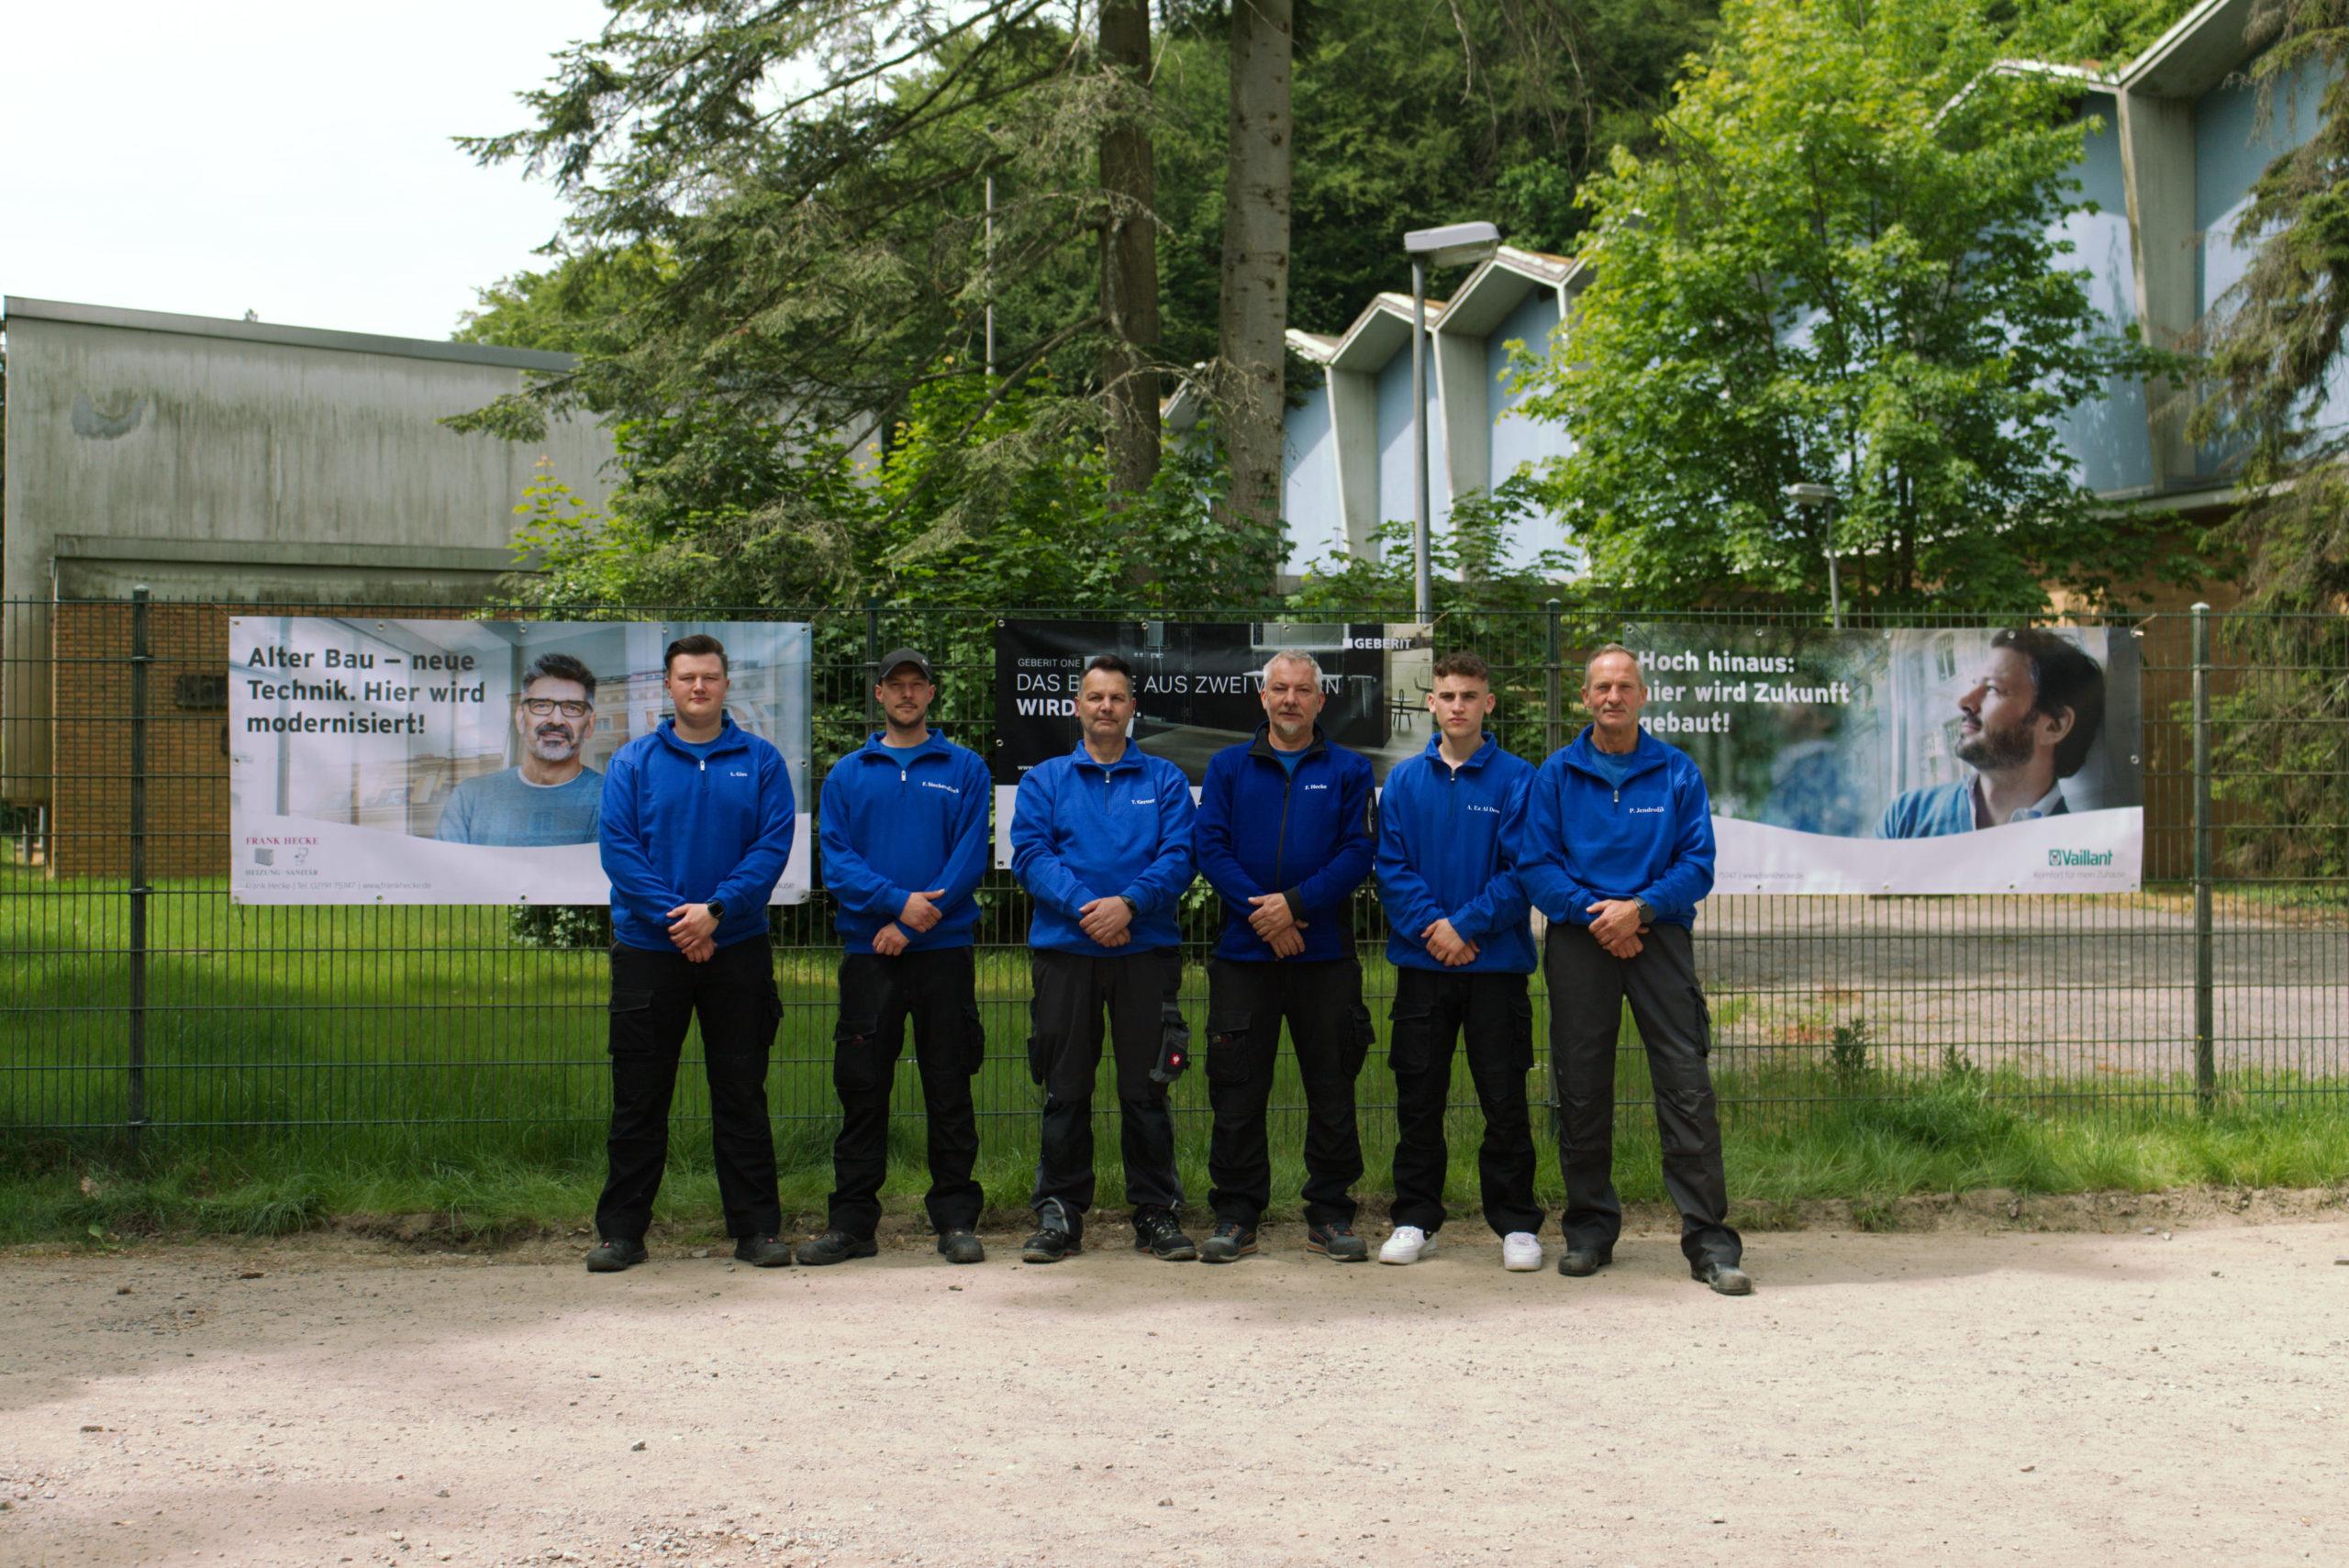 Unser gesamtes Team auf einem Bild mit unseren Werbeplakaten im Hintergrund